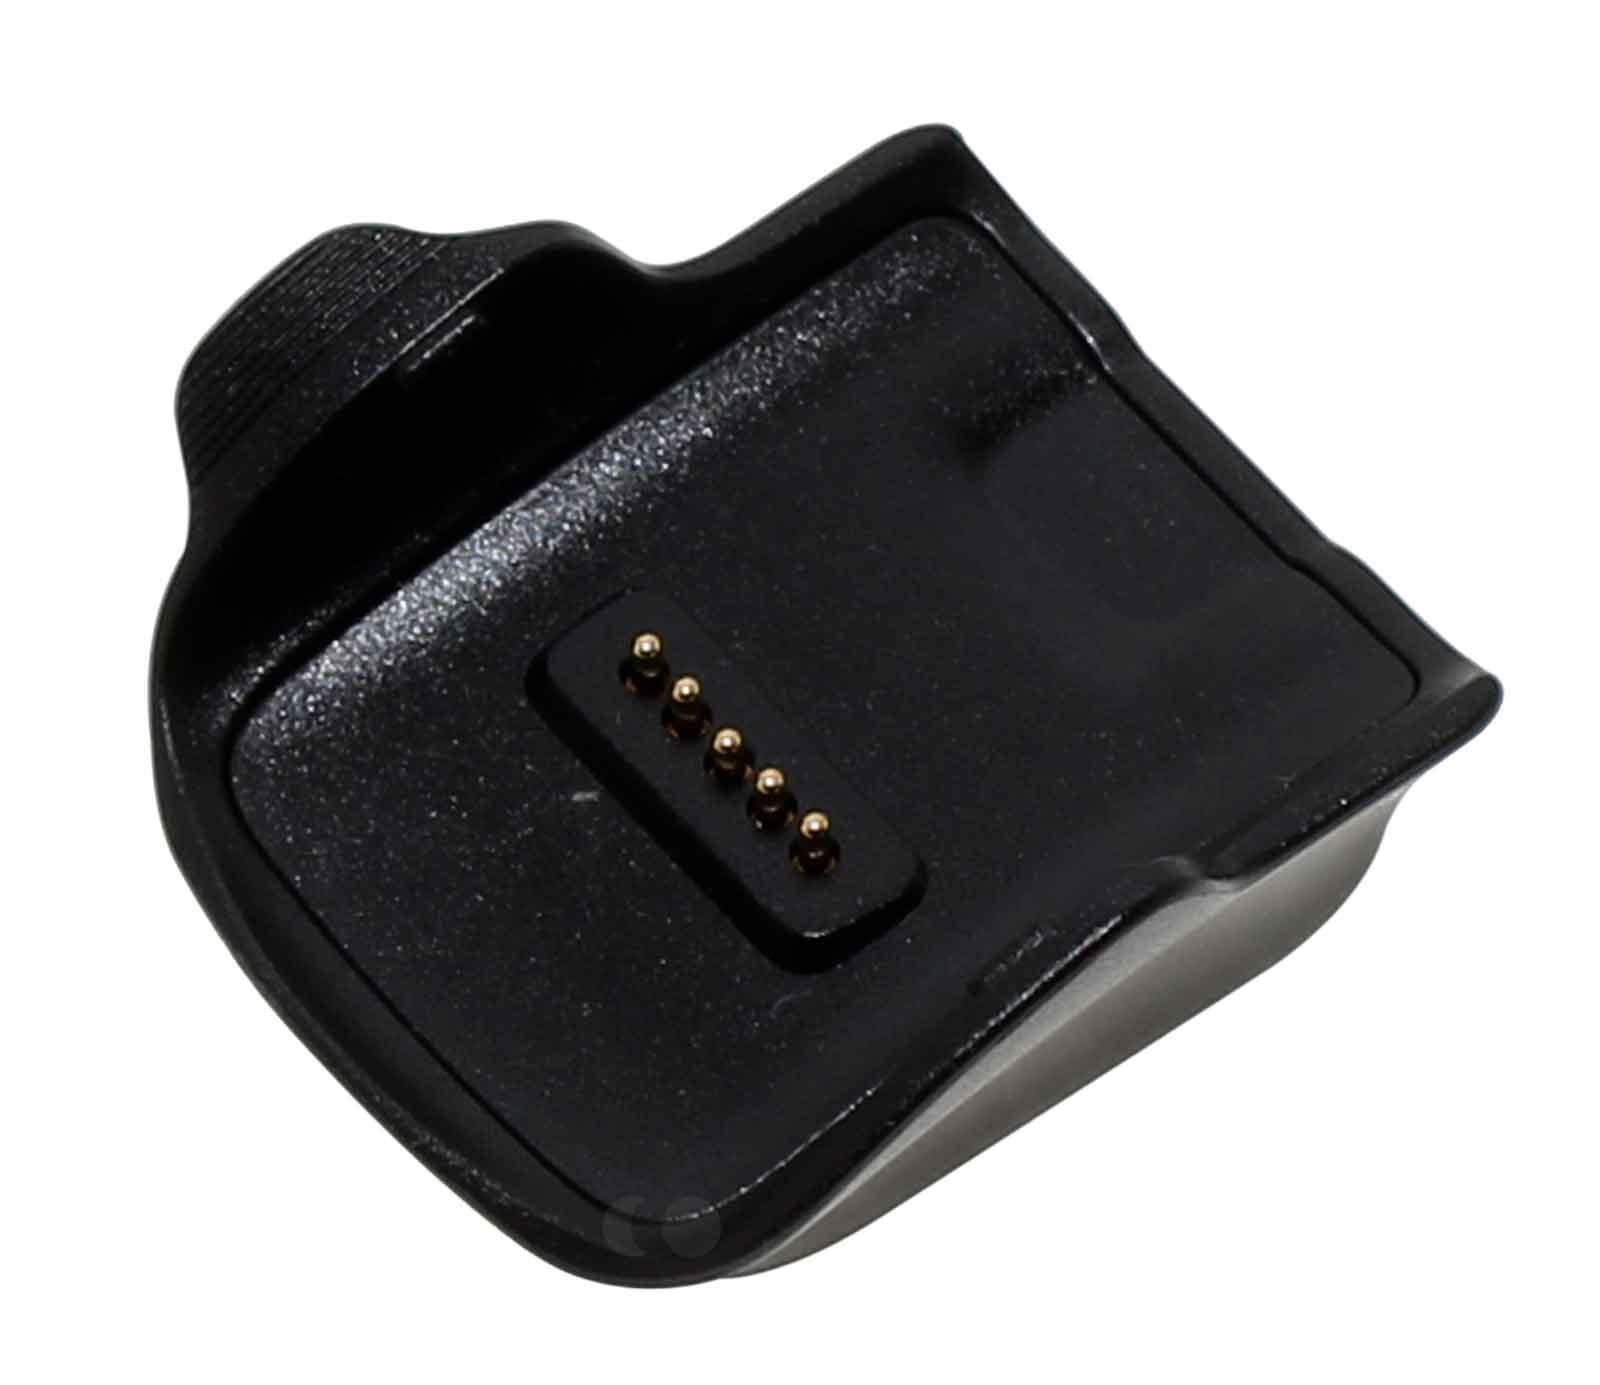 Original Ladestation für Samsung Galaxy Gear Fit (SM-R350), GH98-32057A